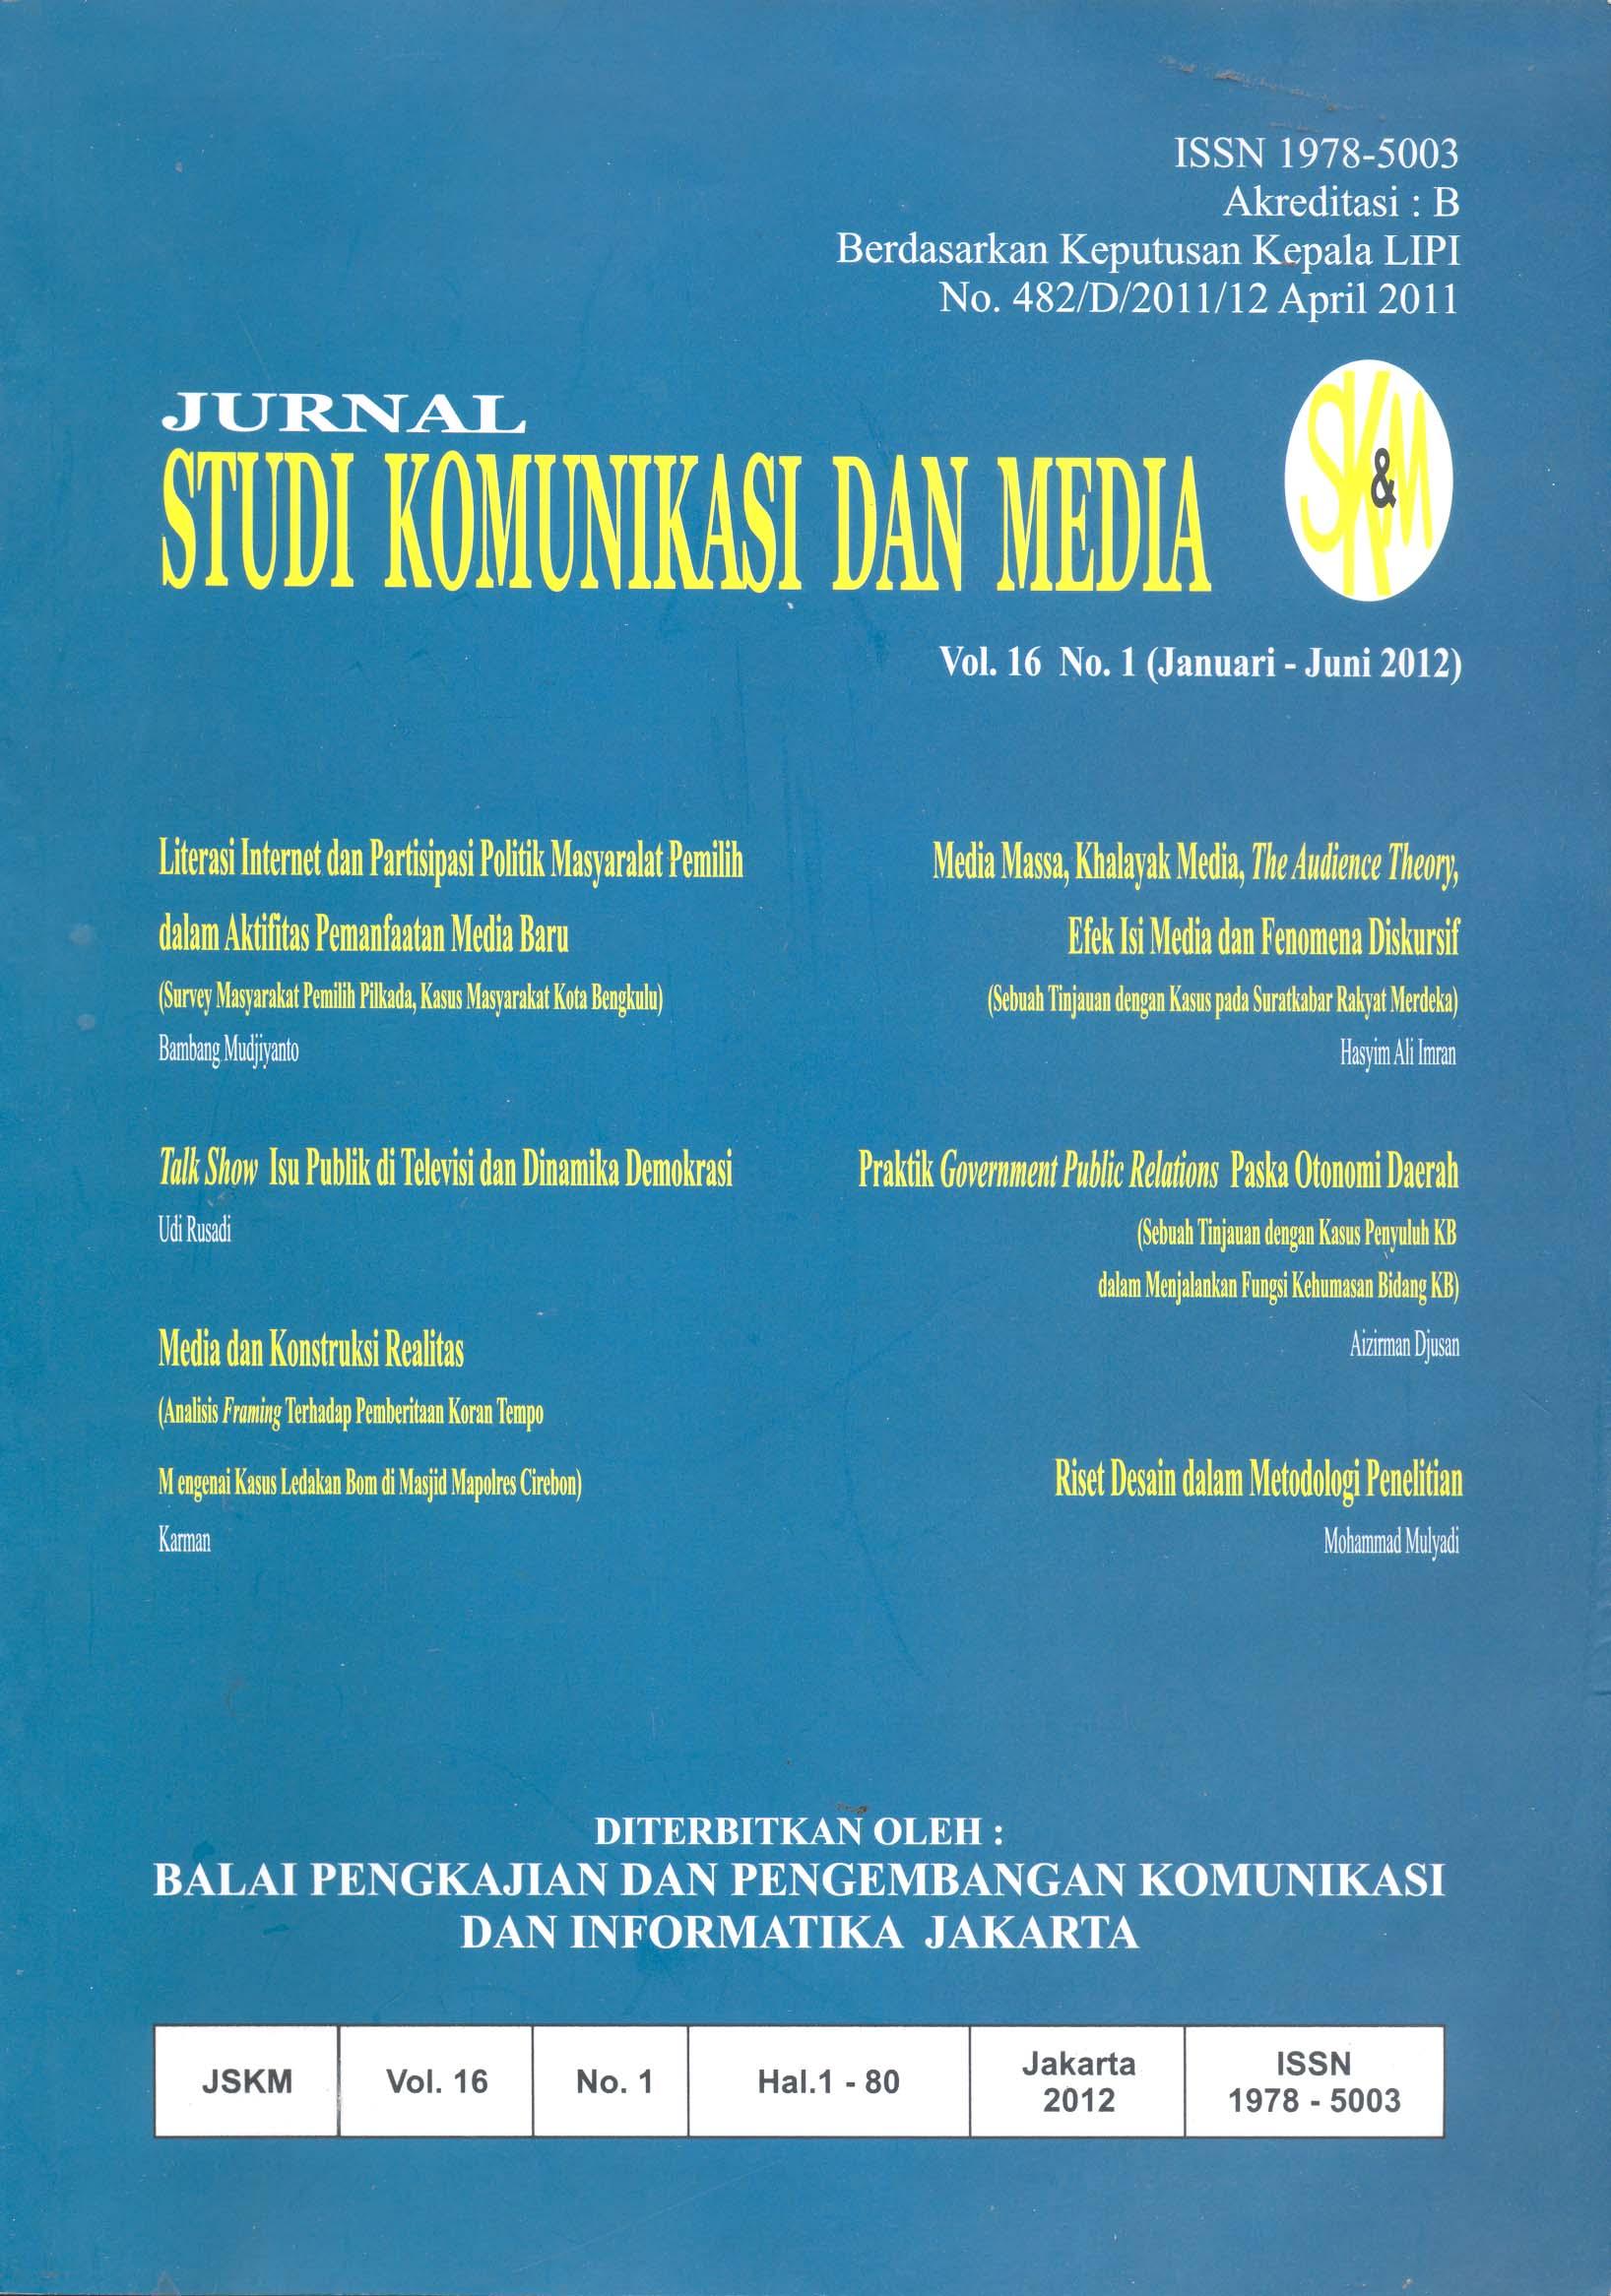 Jurnal Studi Komunikasi dan Media